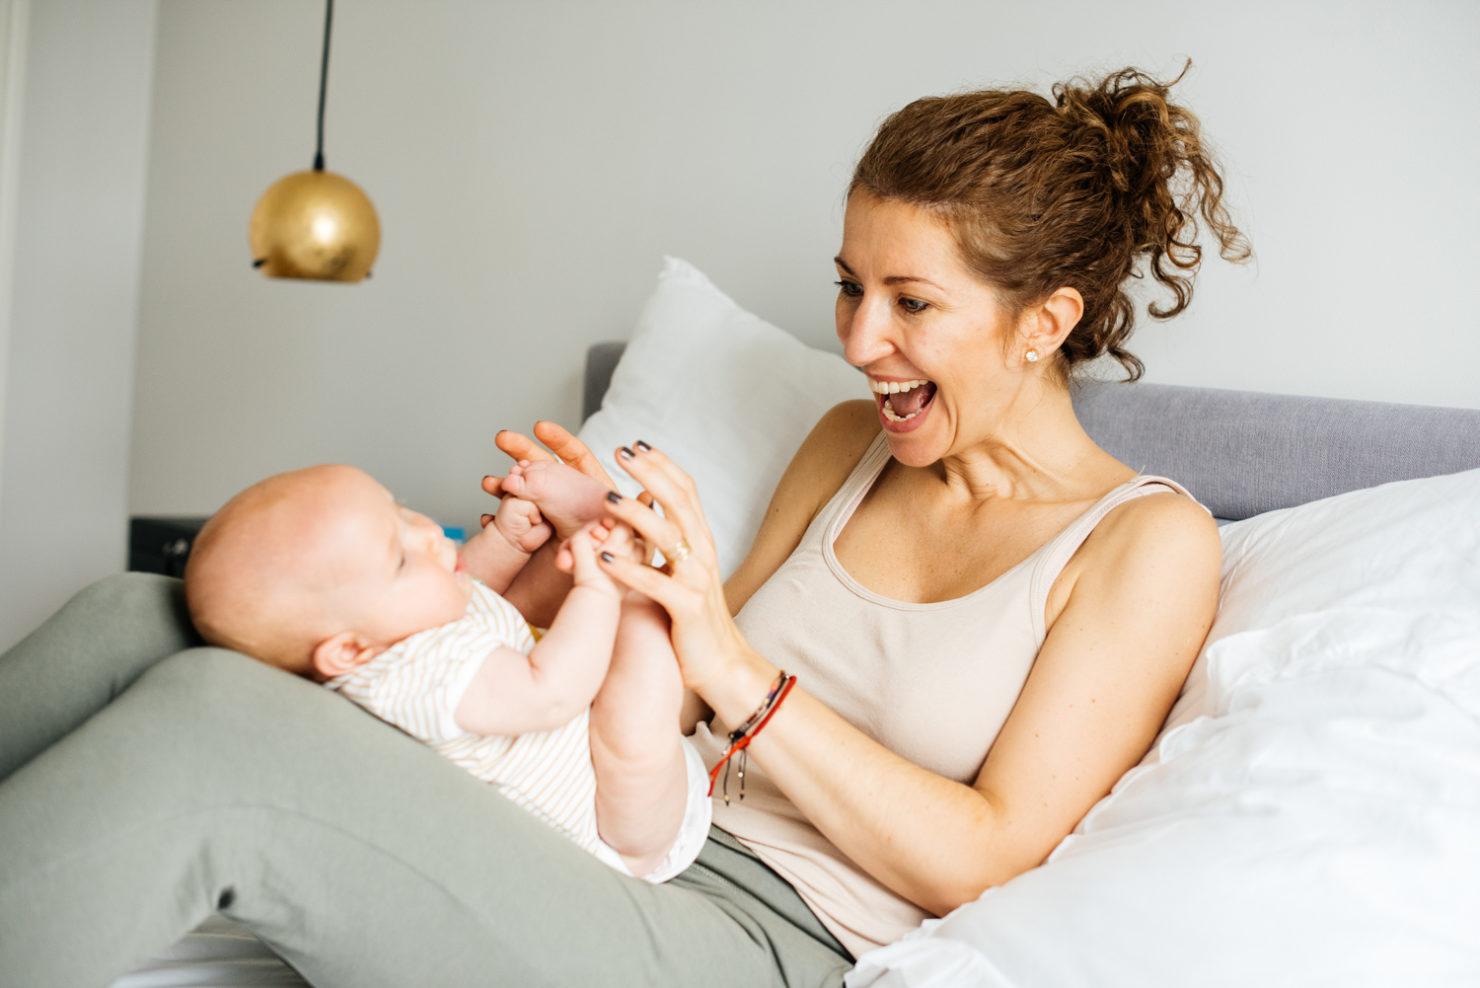 Agata & Tosia - Naturalna sesja noworodkowa w mieszkaniu - sesja noworodkowa w mieszkaniu